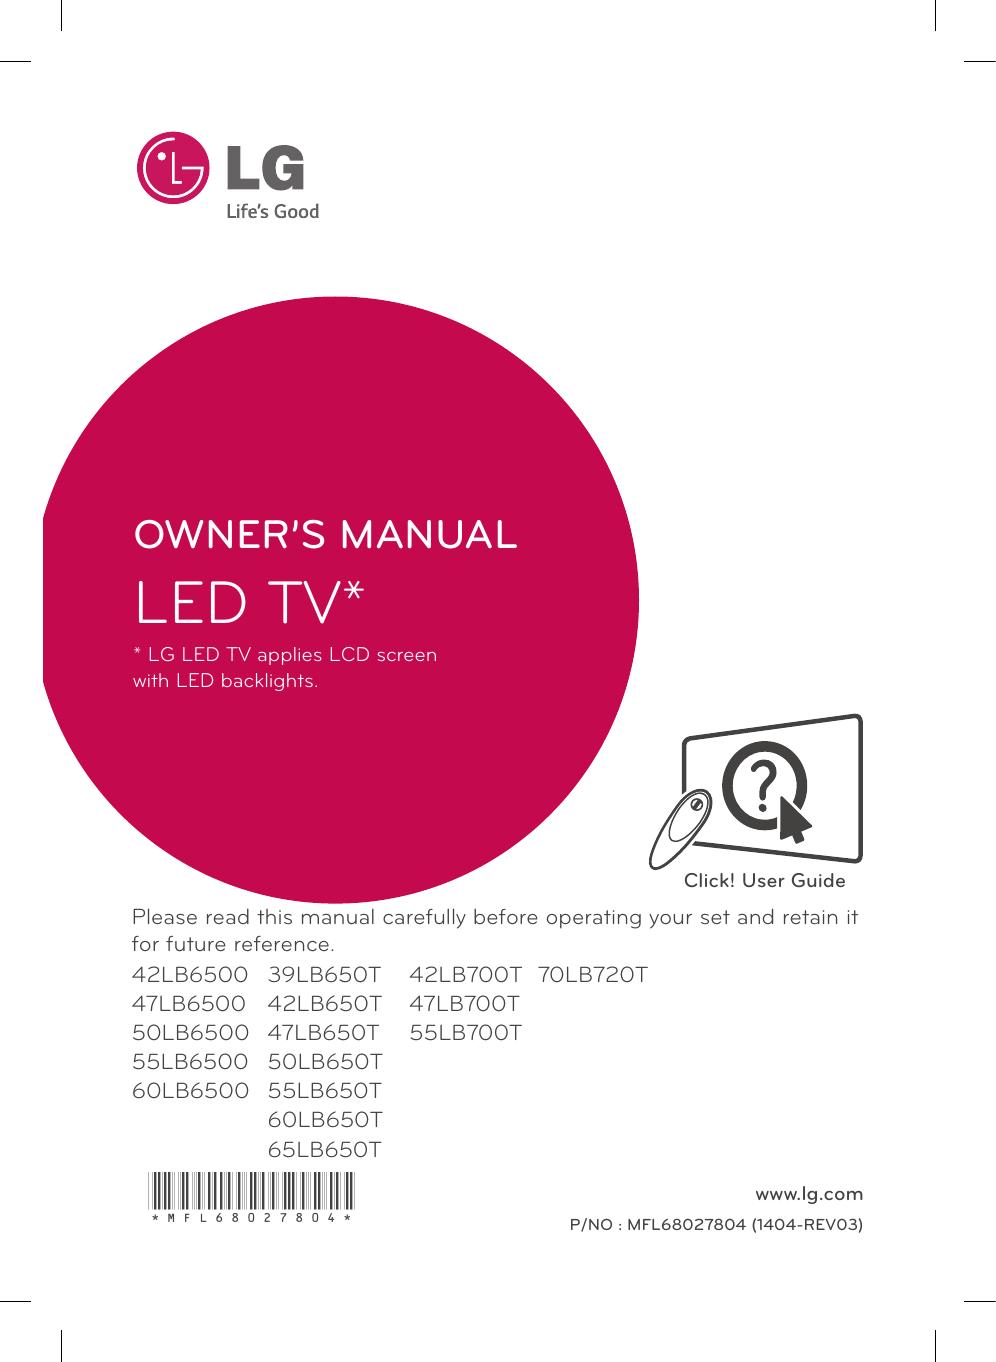 Lg 42lb650t 55lb650t 70lb720t 55lb700t 65lb650t 50lb650t 60lb650t Owner S Manual Manualzz